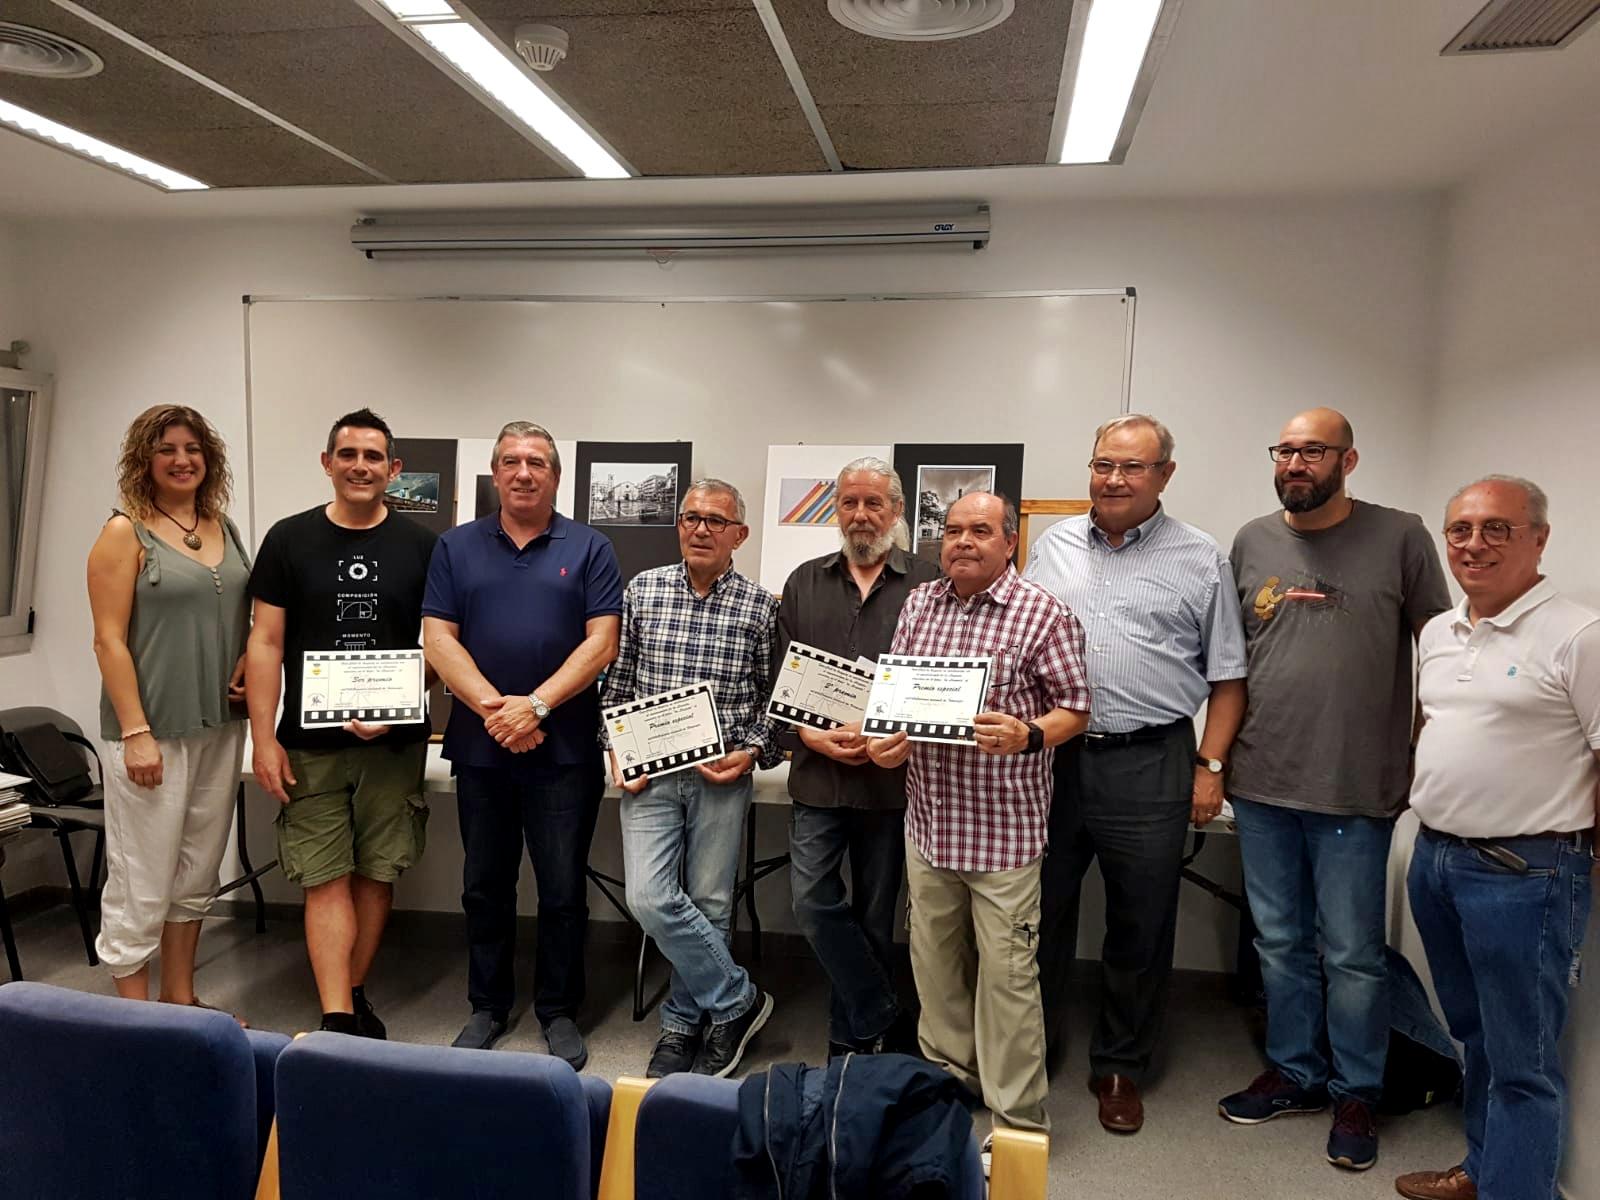 Diego Pedra i Rosalía Niñá, guanyadors del Concurs Estatal de Fotografia